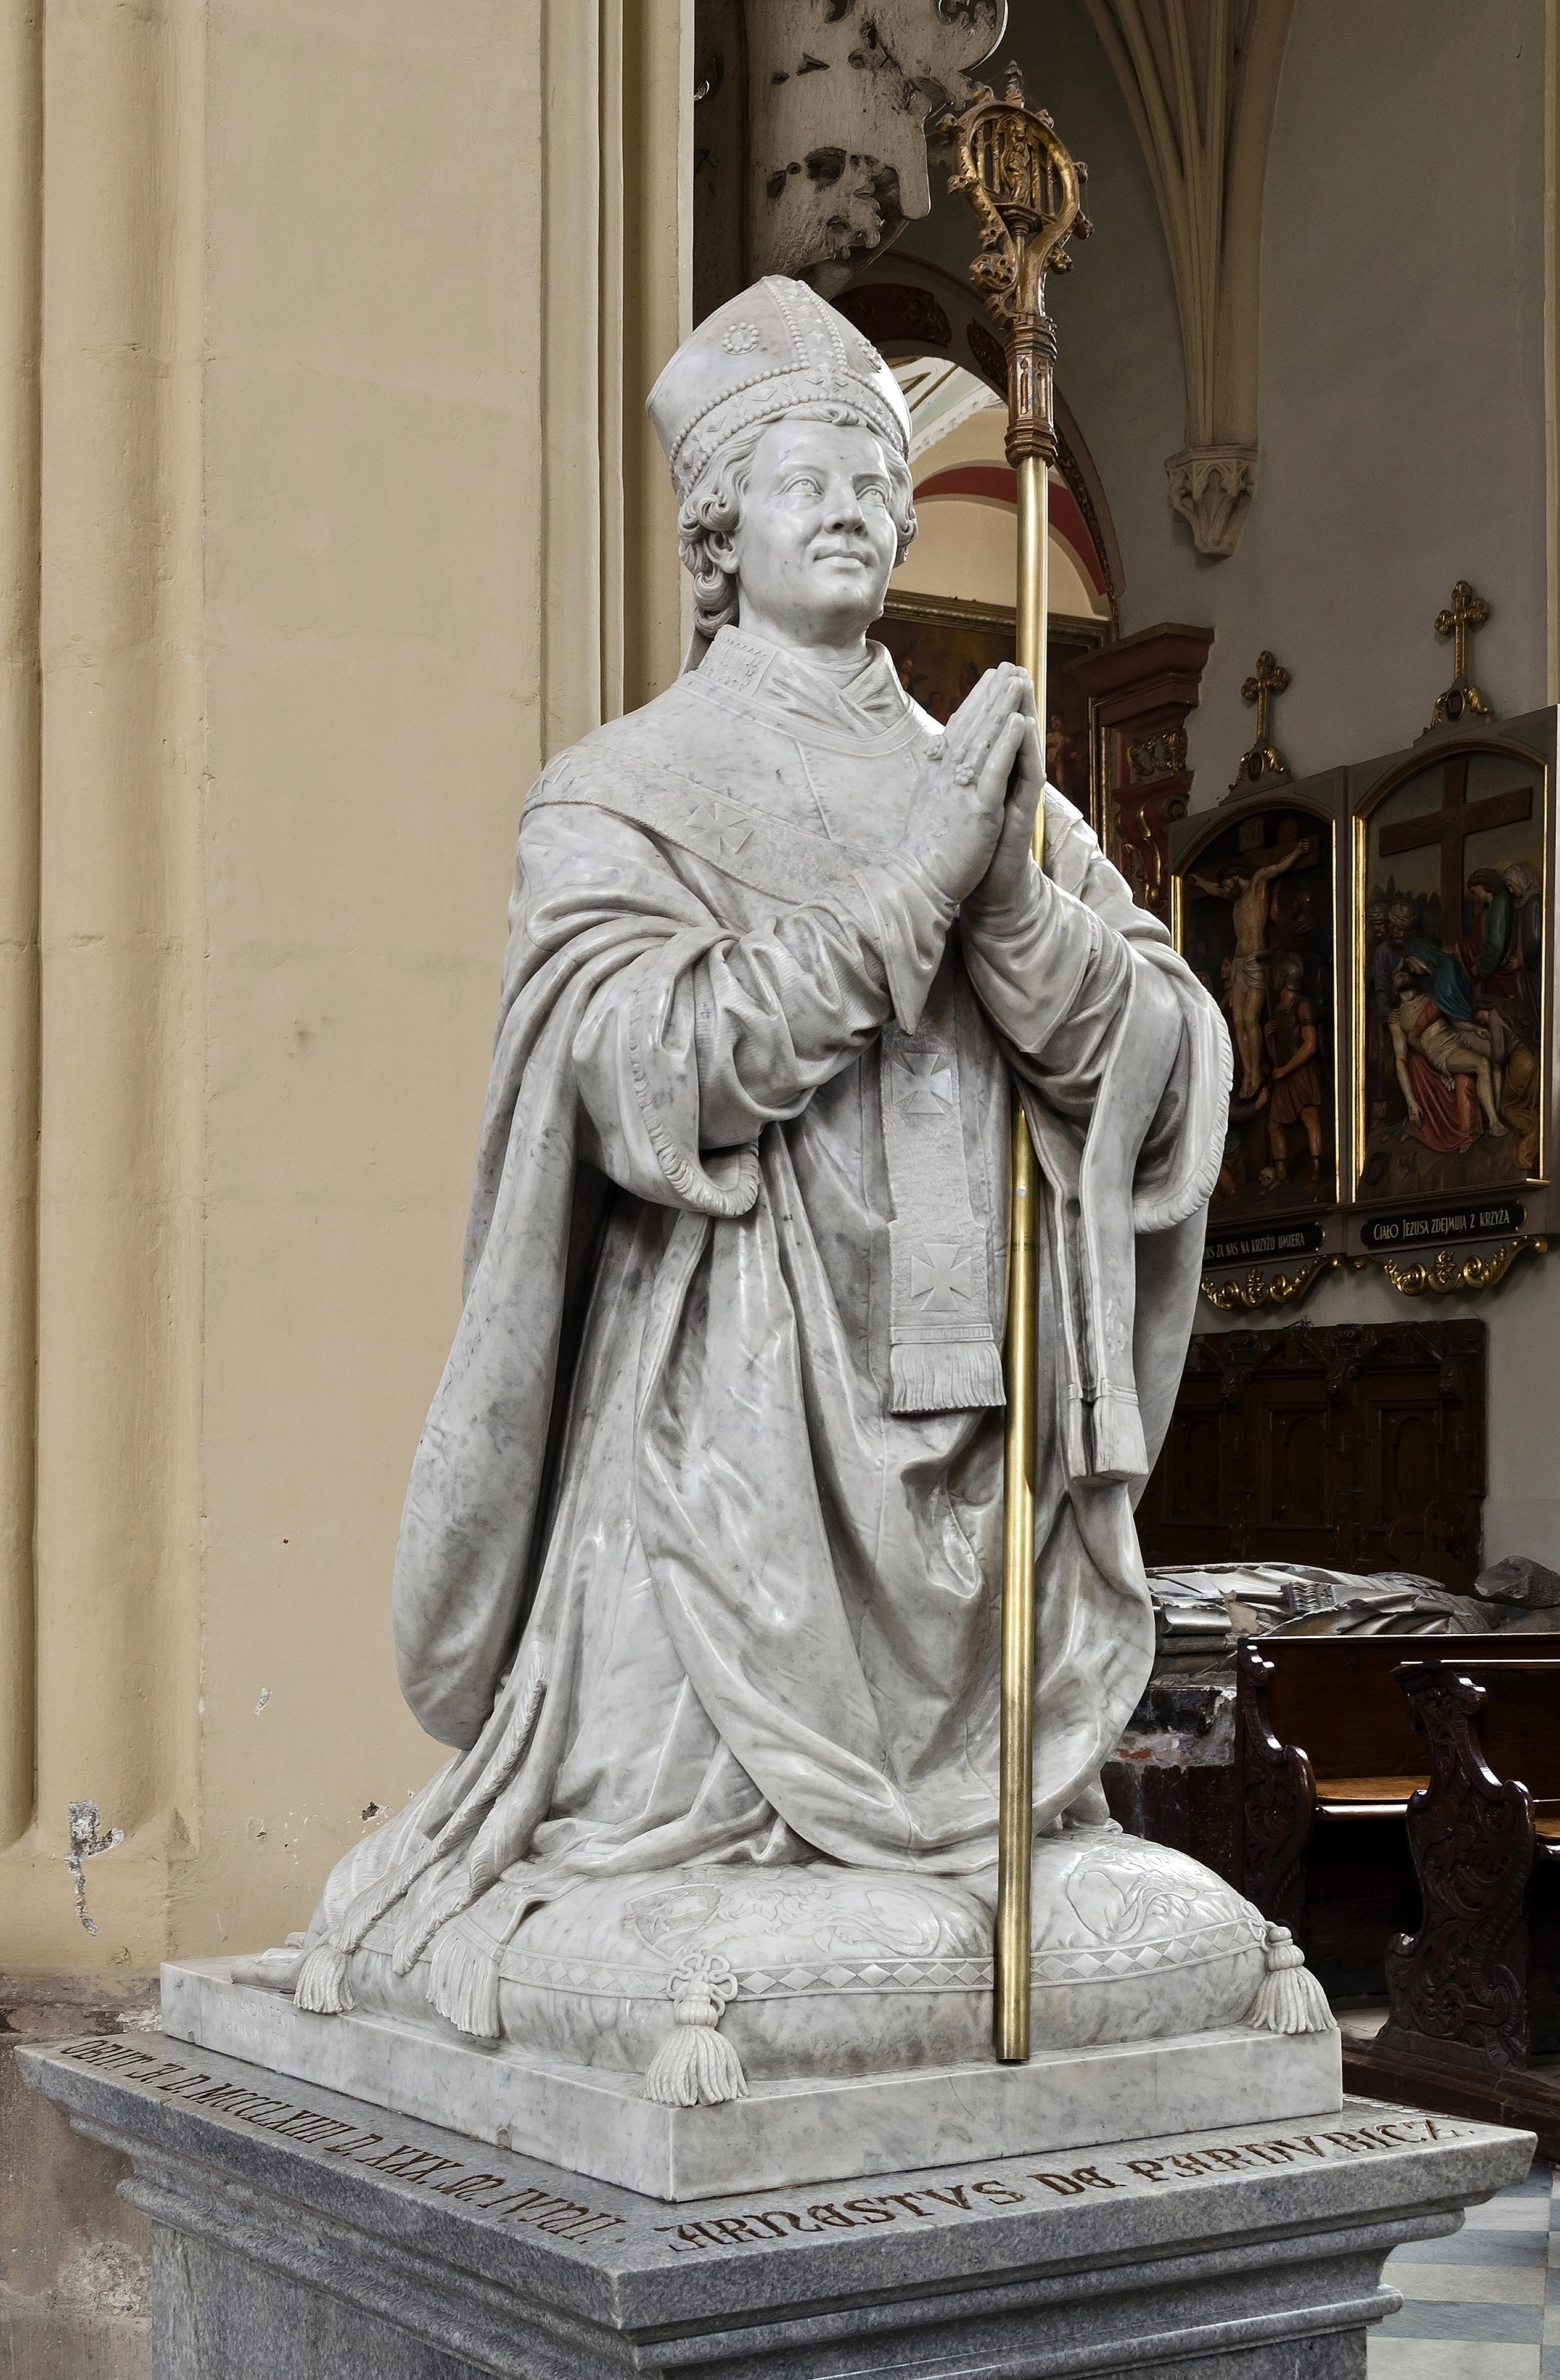 Ernst of Pardubitz - gravestone in Assumption Church in [[Kłodzko